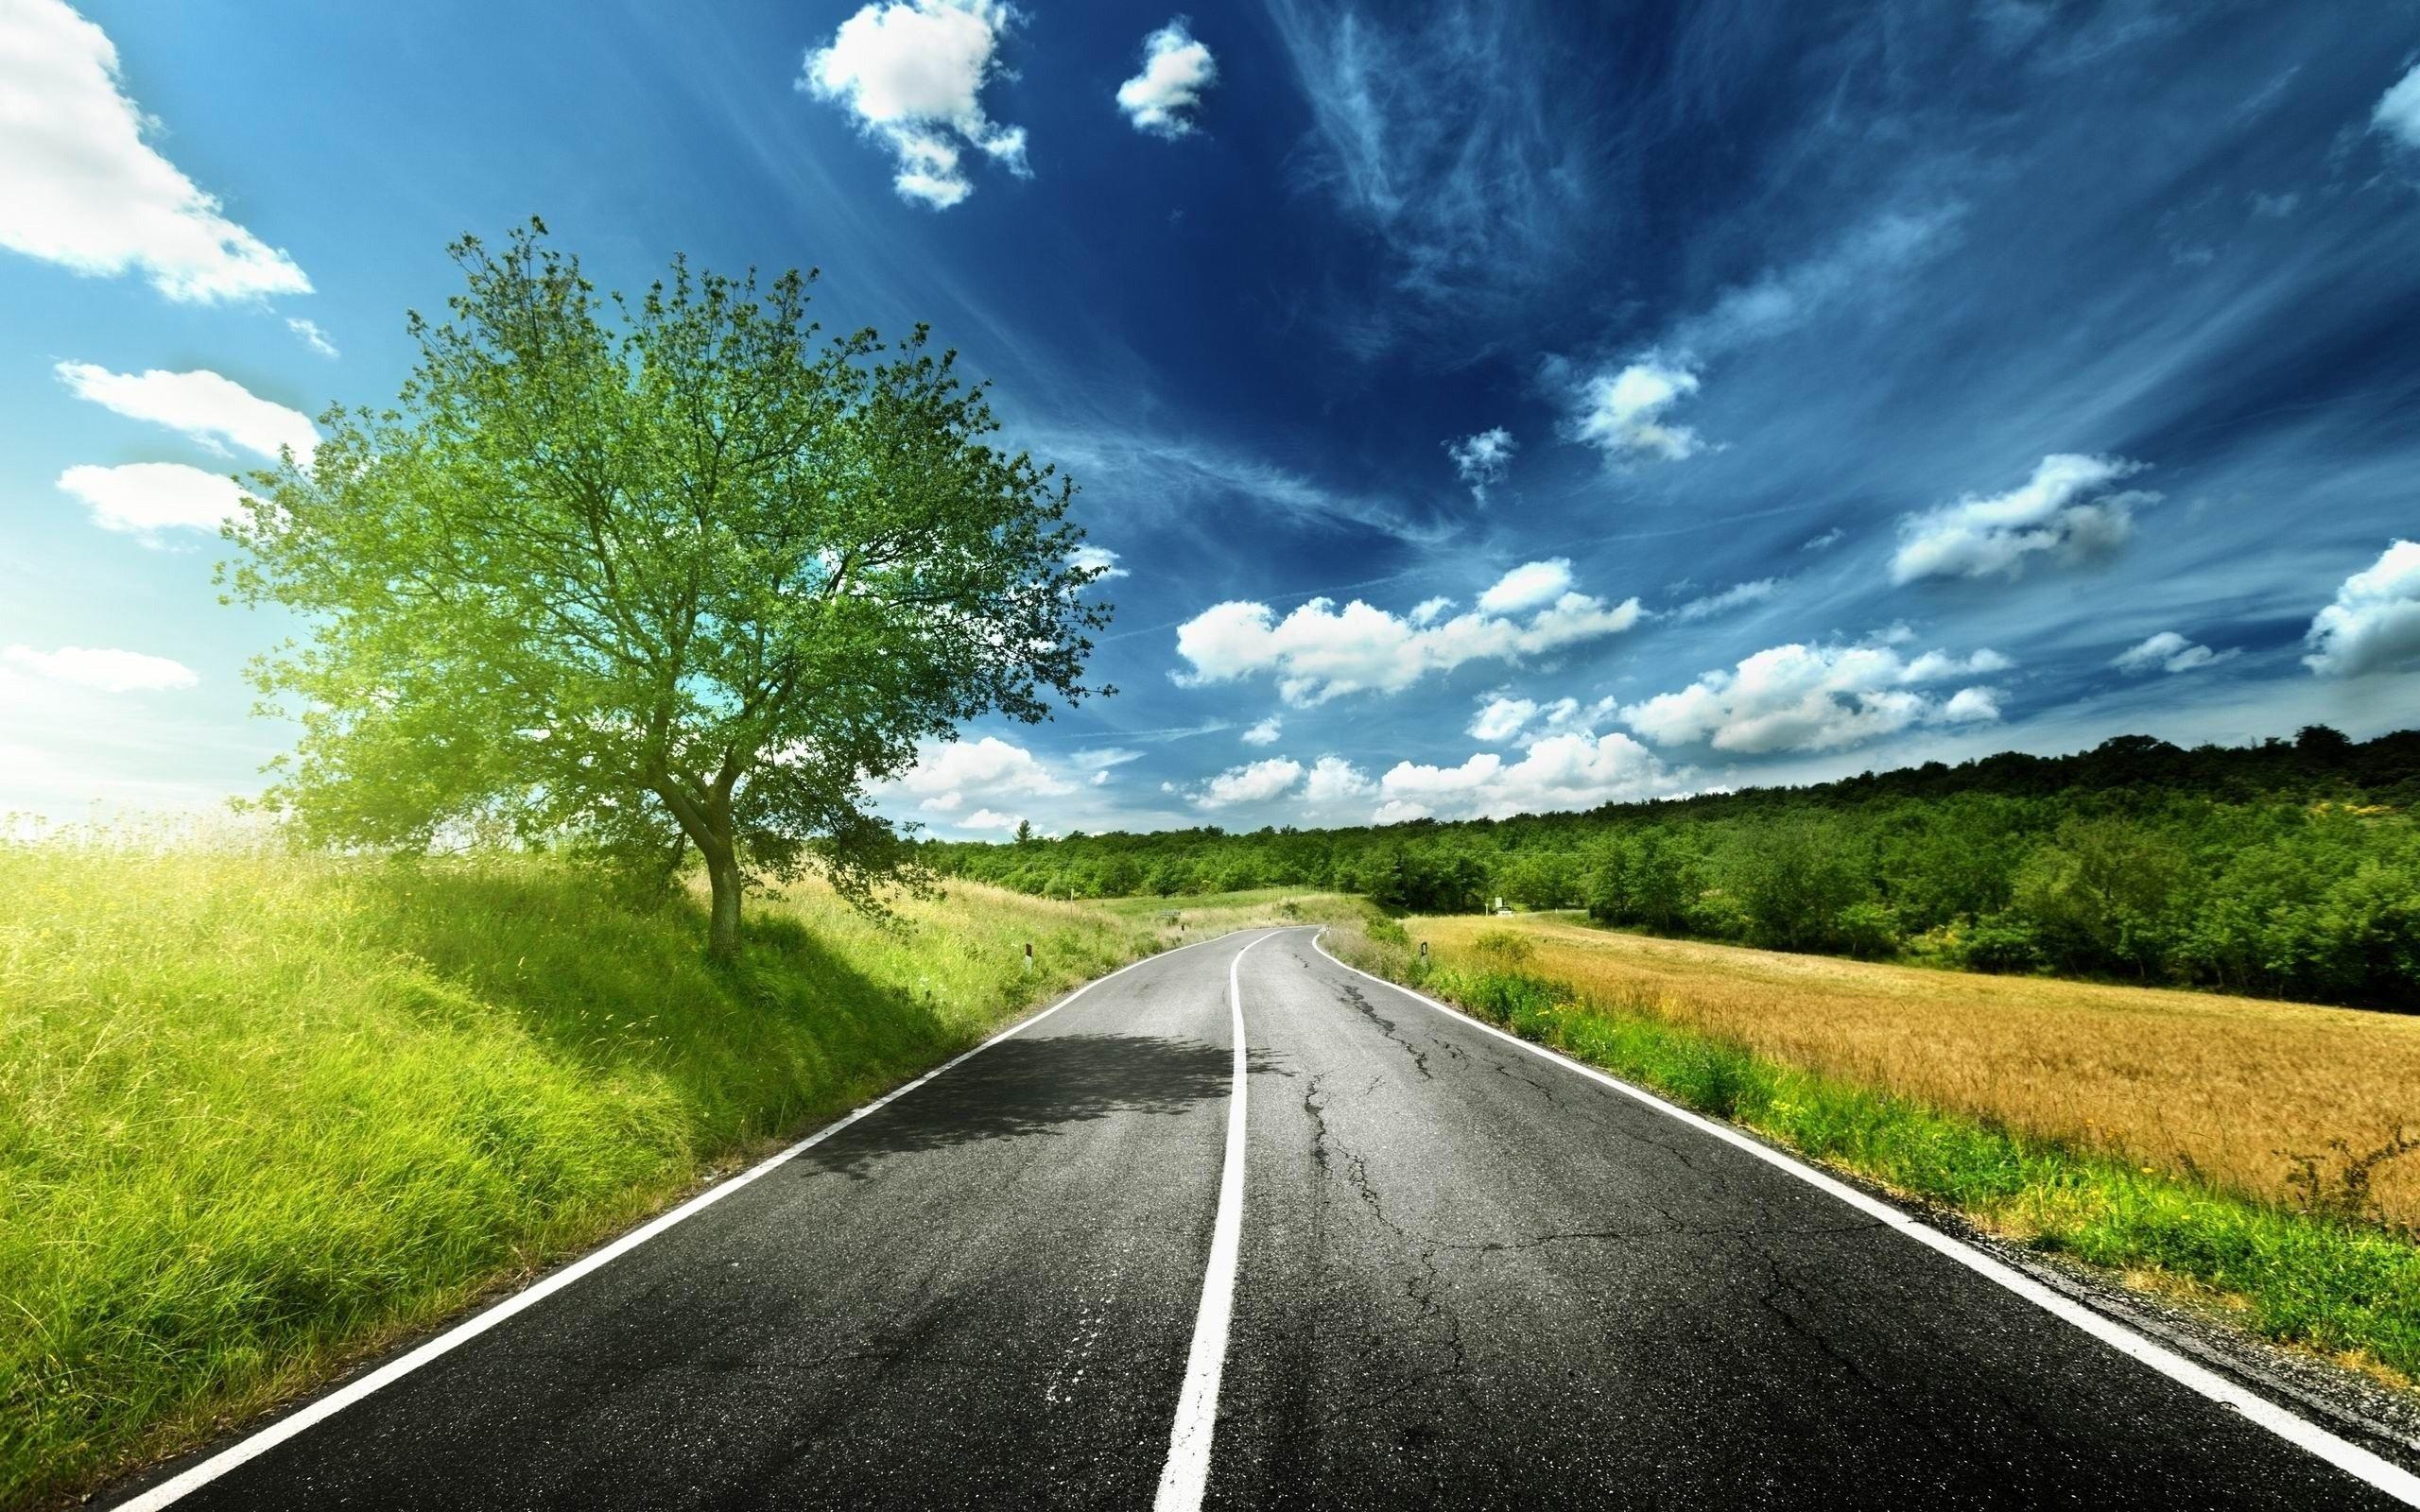 красивые картинками с дорогами начали